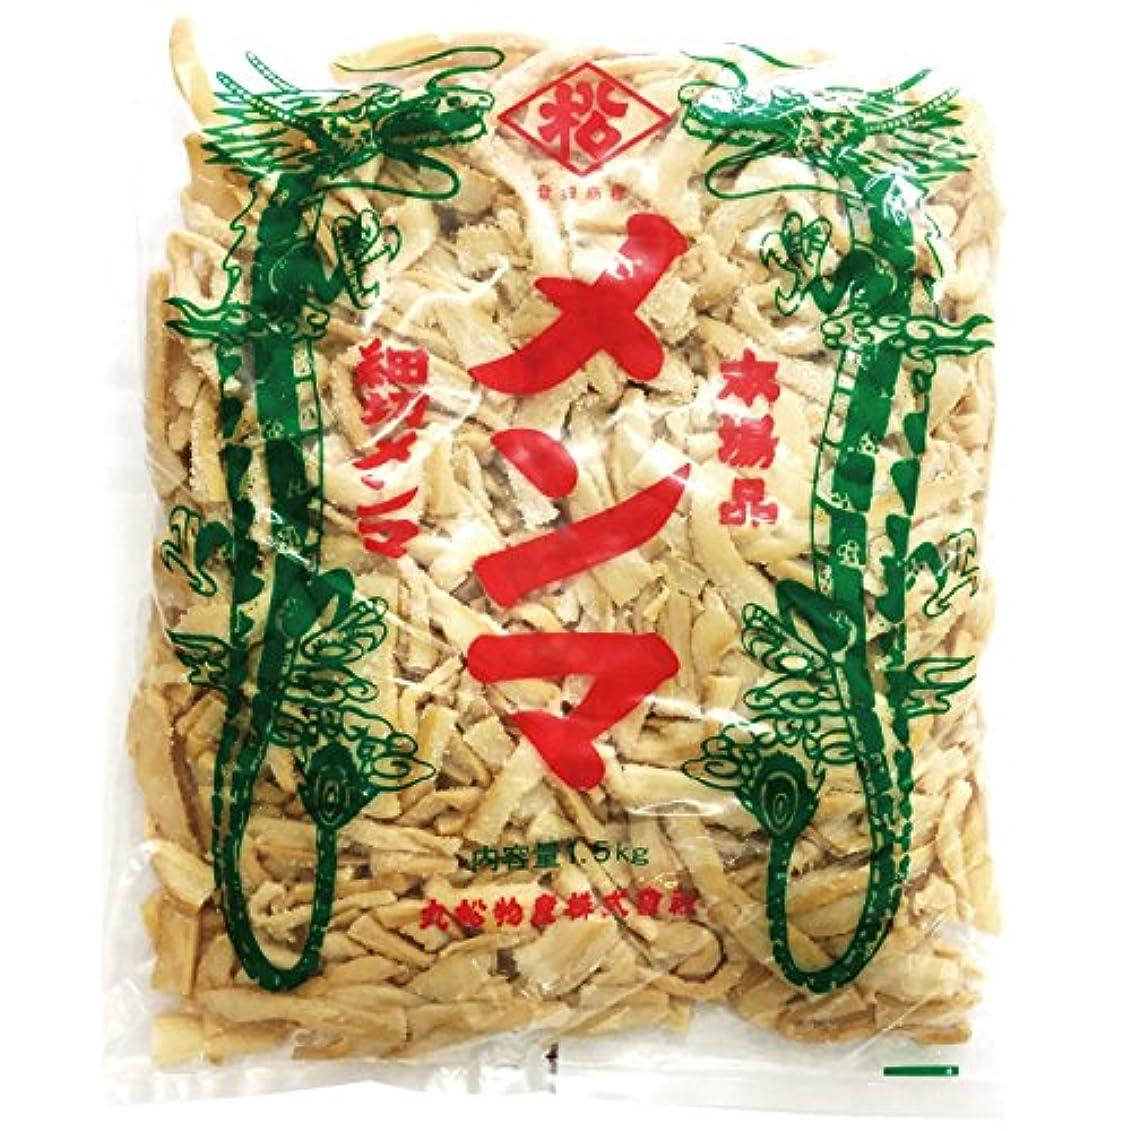 なかなかエステート脇に丸松物産 細切メンマ(塩メンマ) 1.5kg